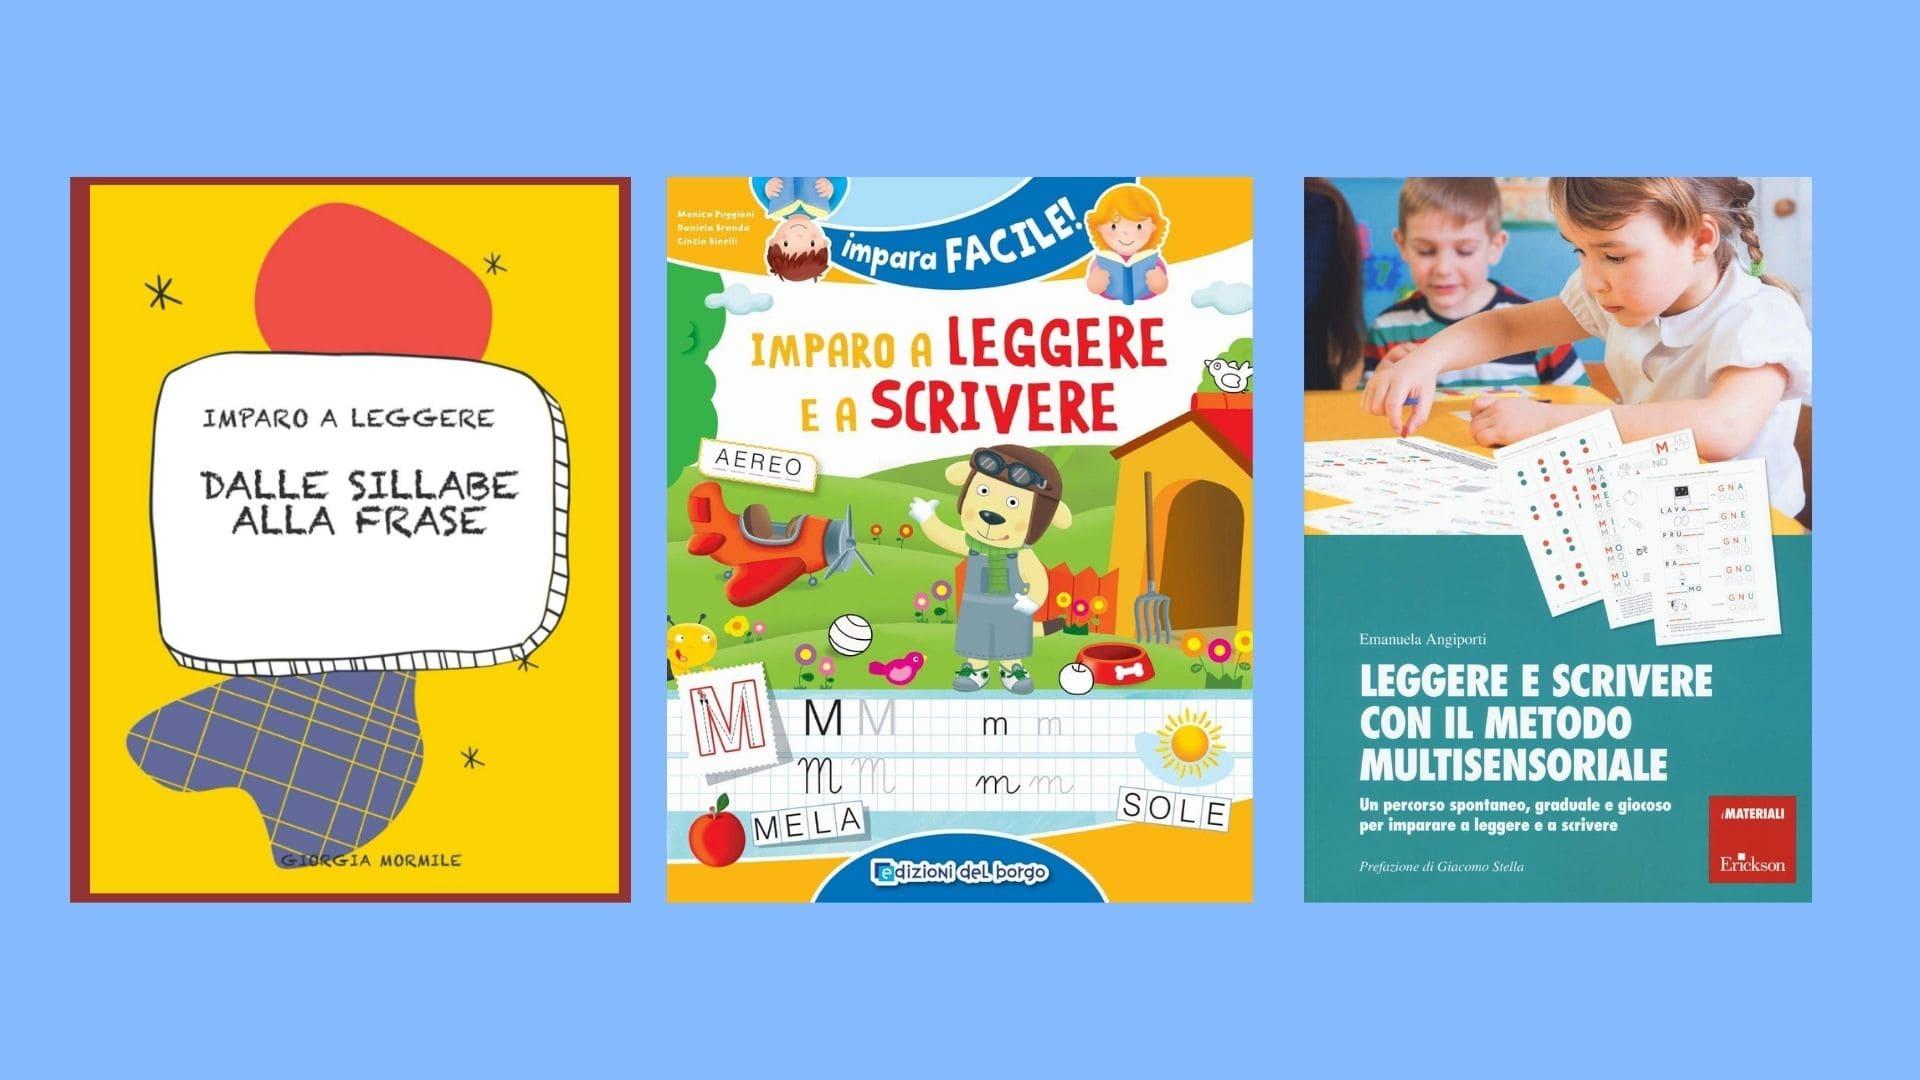 miglior-libro-per-insegnare-ai-bambini-a-leggere